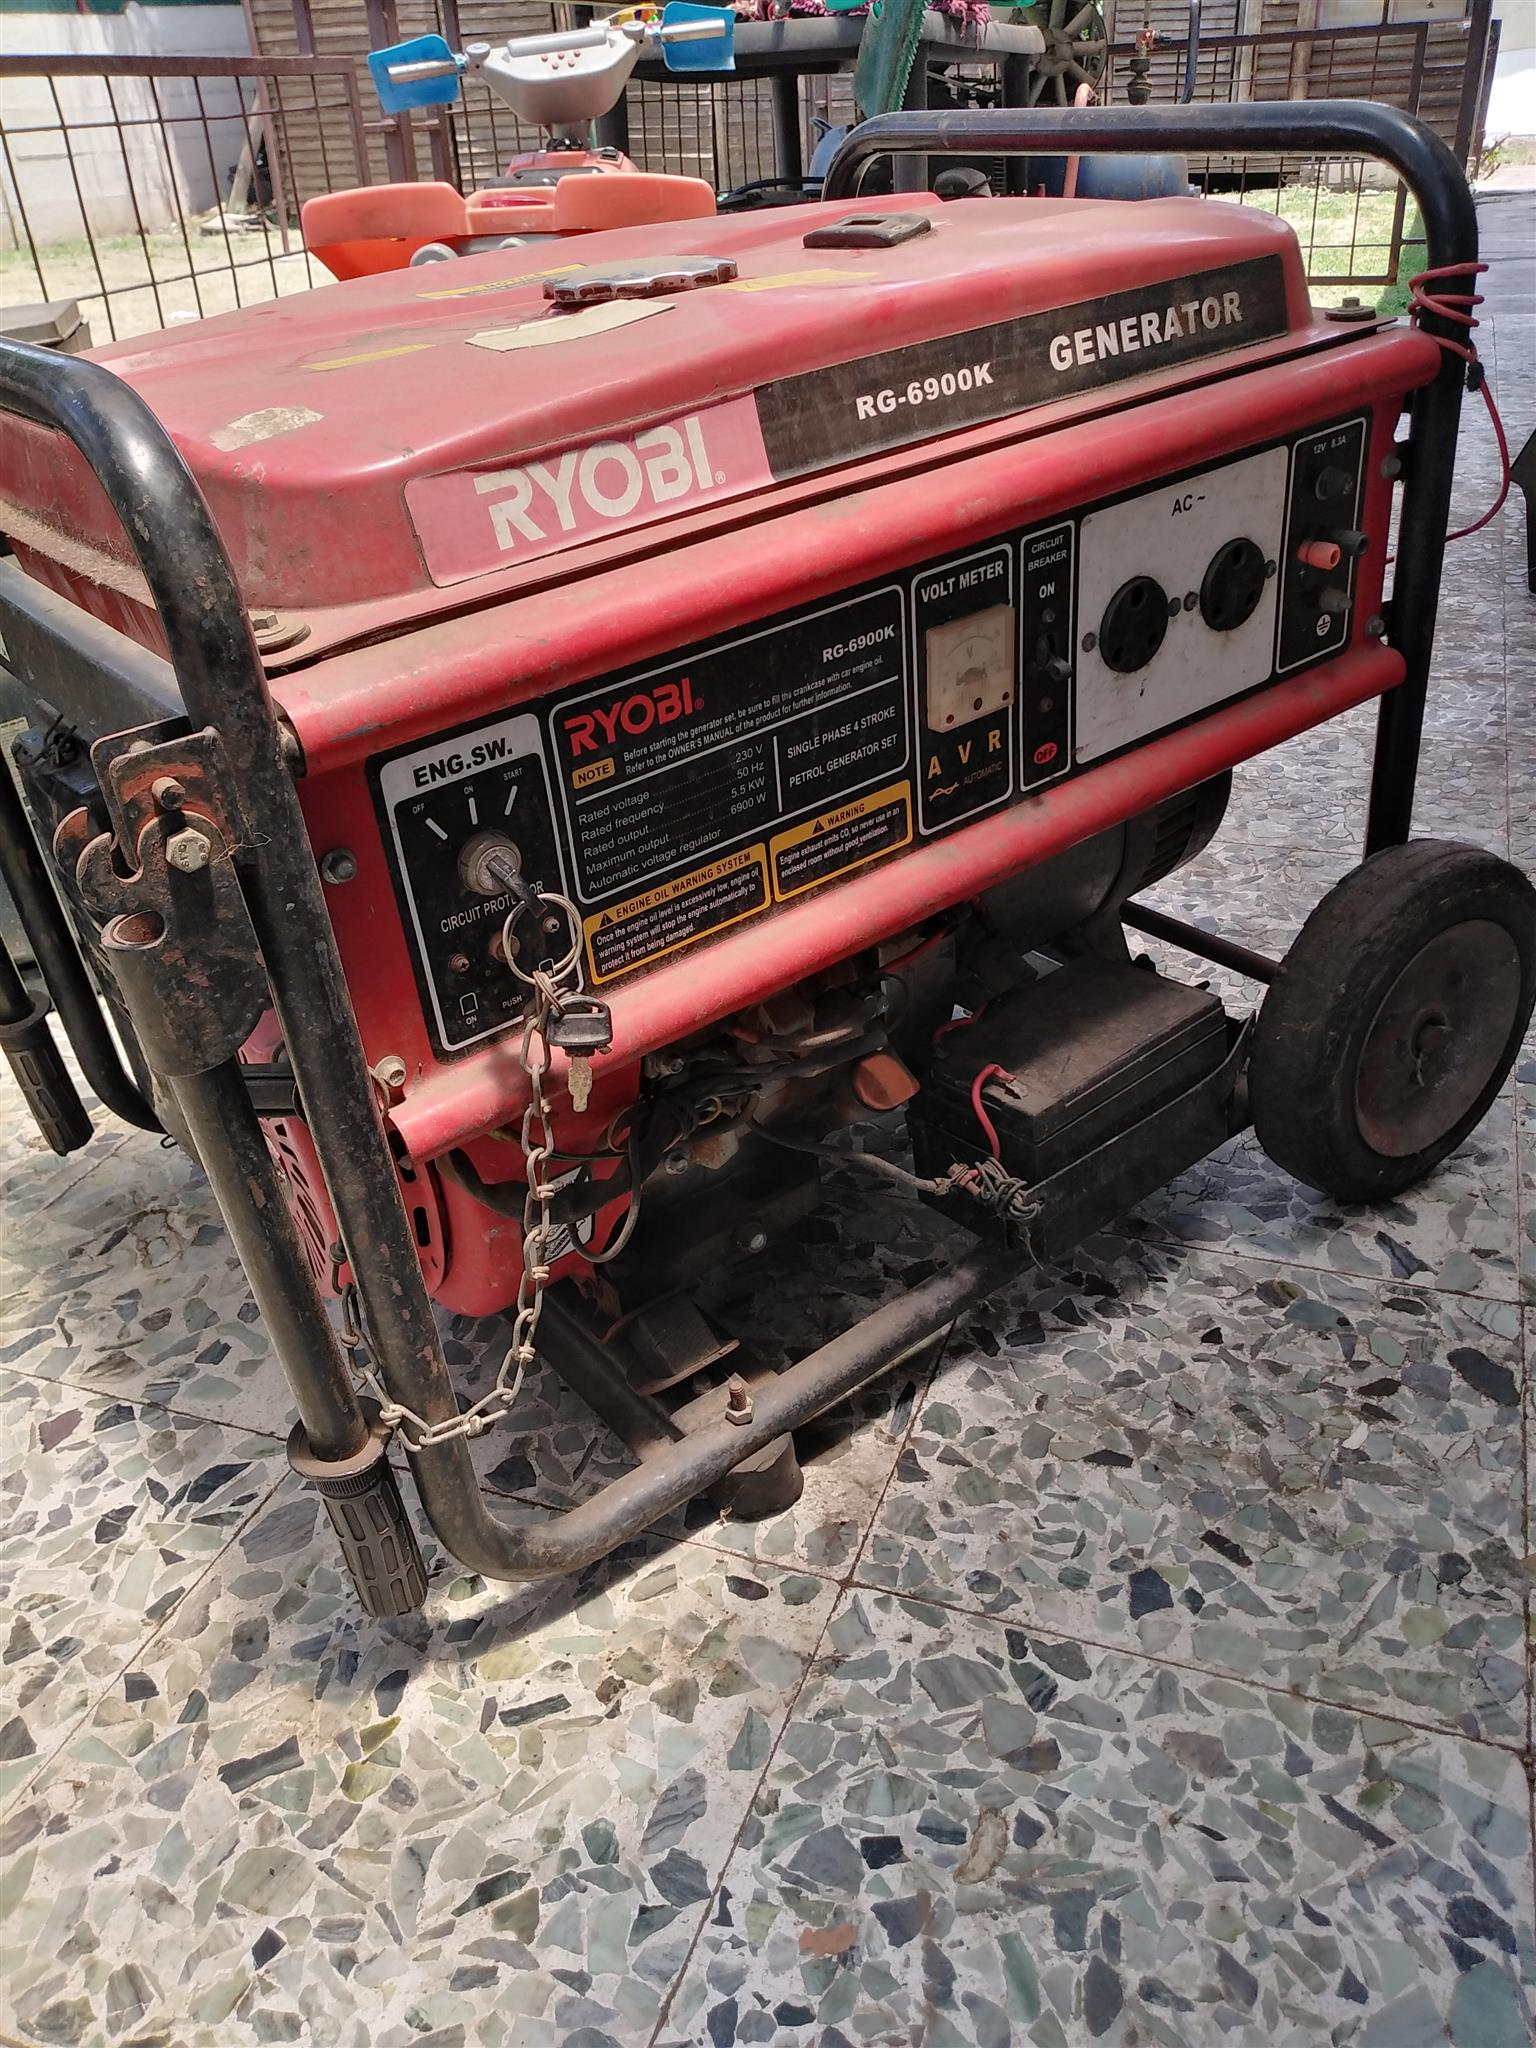 5.5kva generator 6900 watt